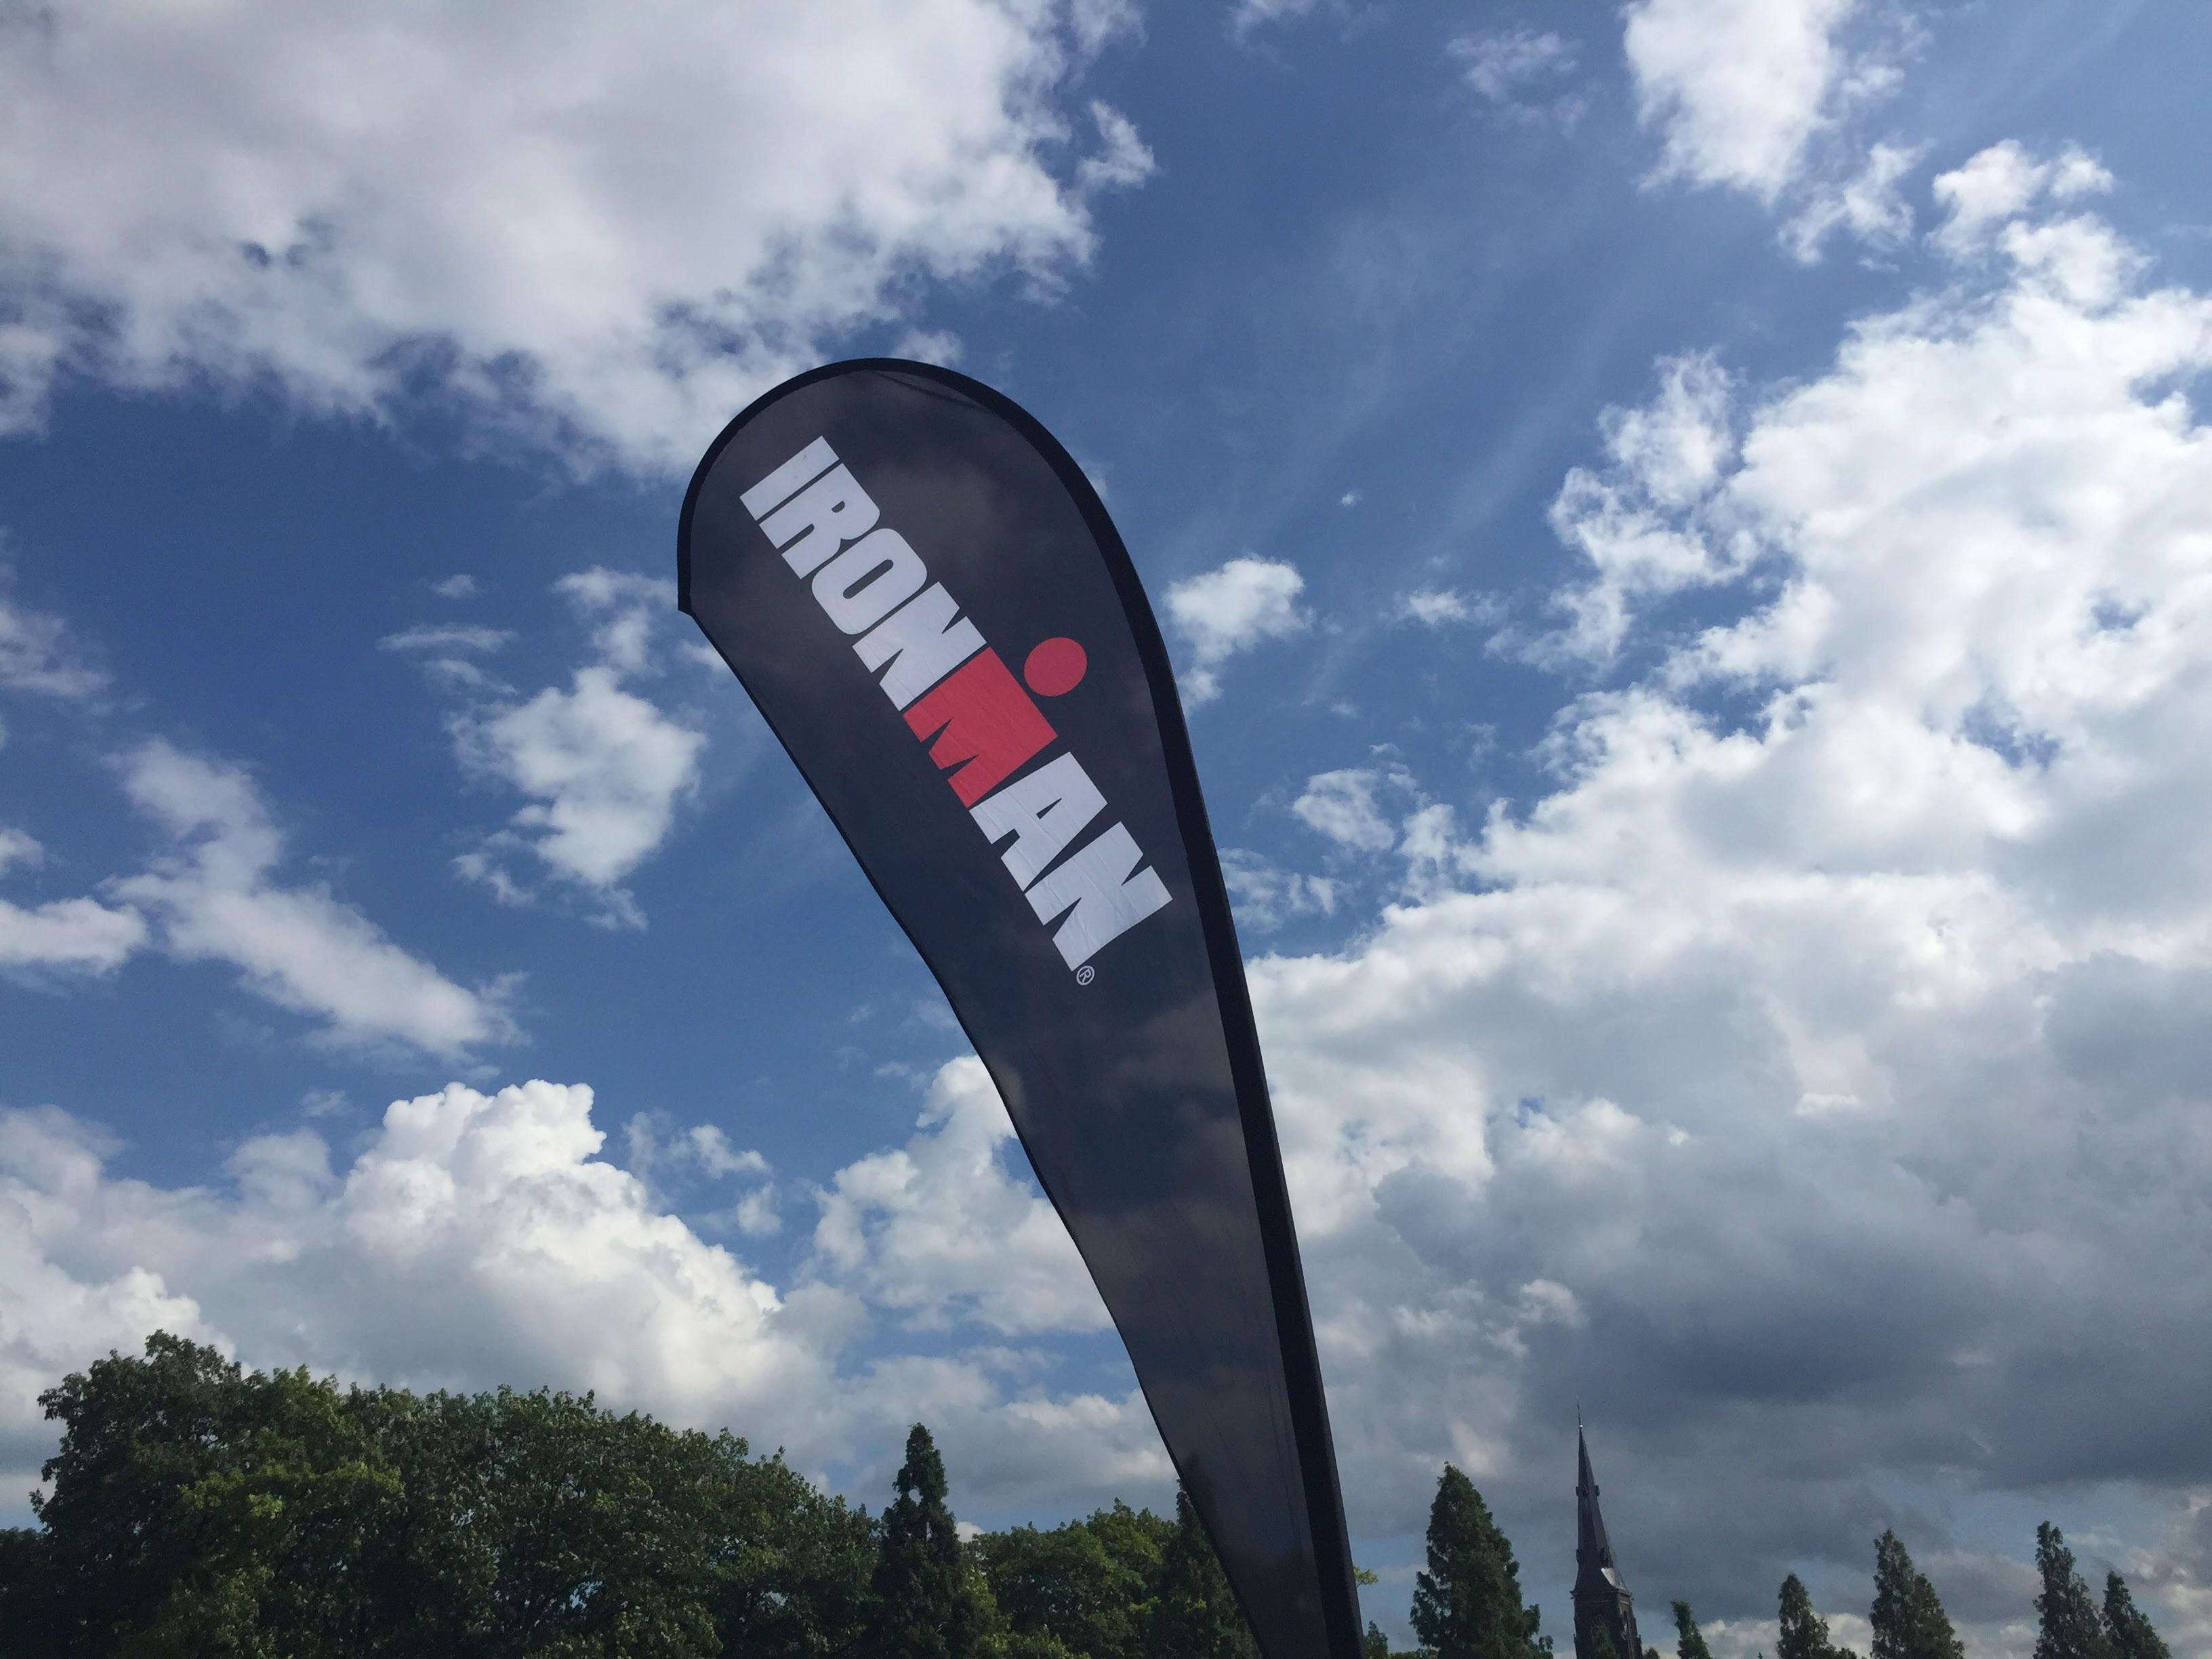 マーストリヒトで鉄人レース・IRONMAN in Maastricht・街はお祭り騒ぎの巻